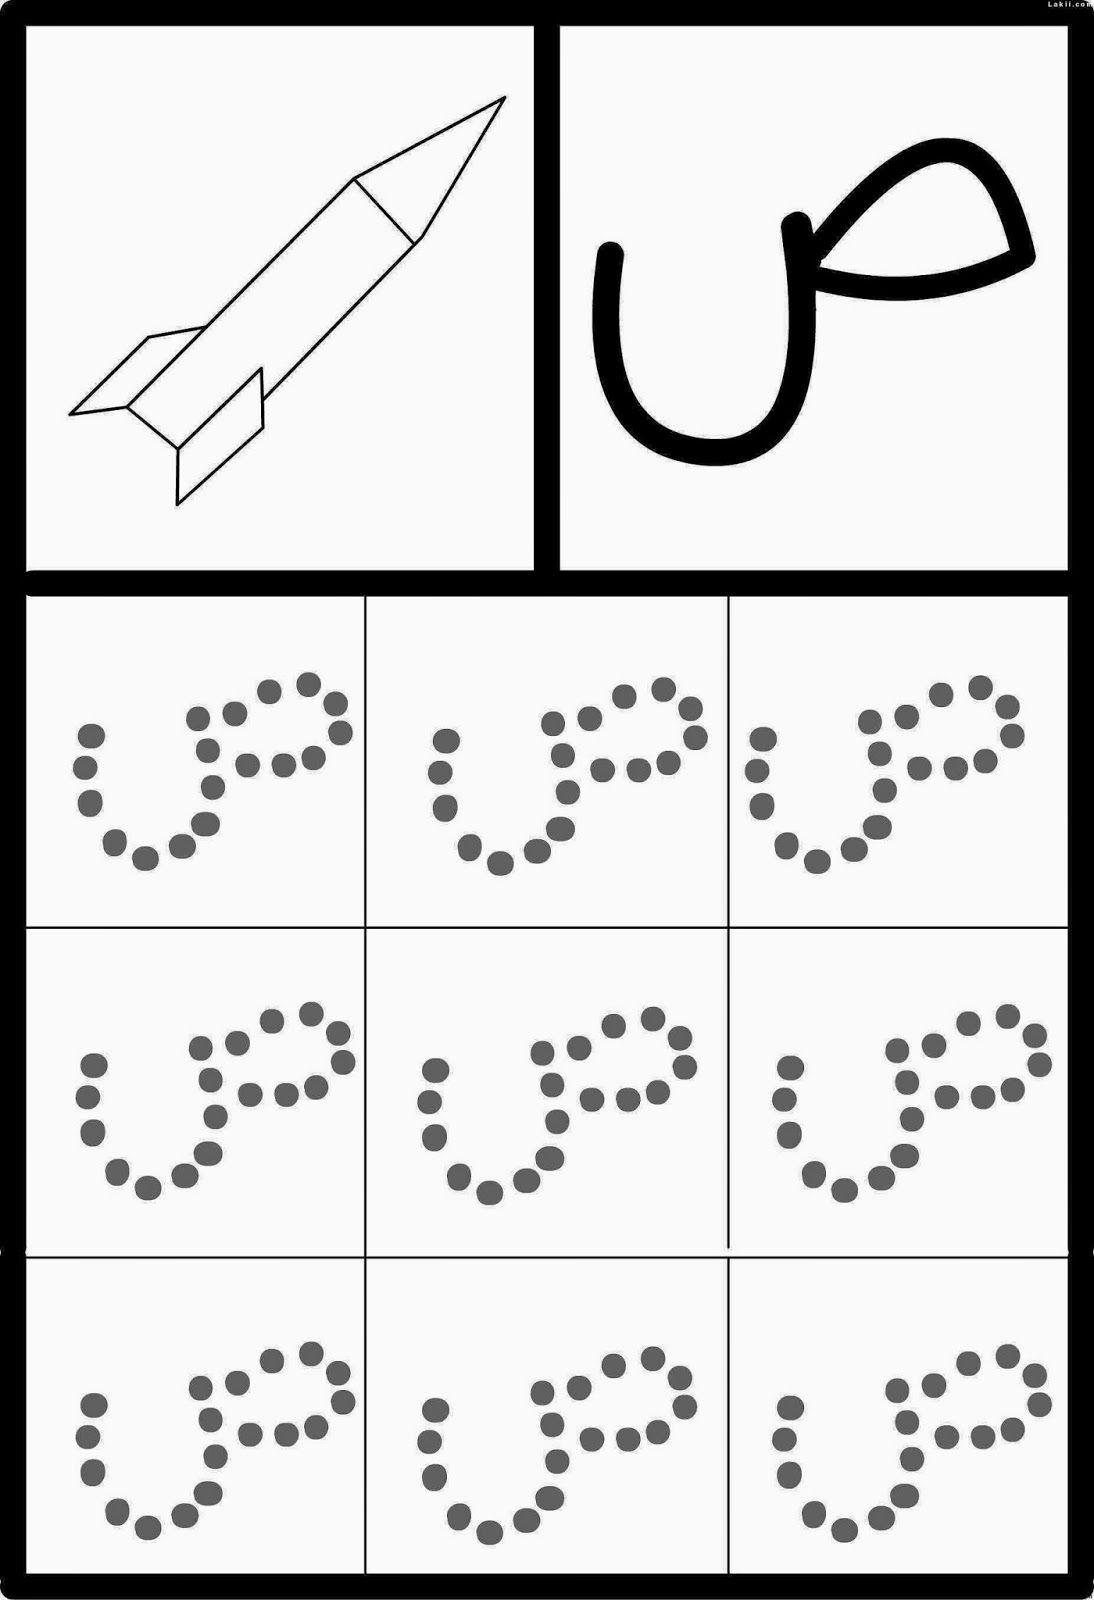 التدريب على كتابة حروف الهجاء | روضة العلم للاطفال | h | Pinterest